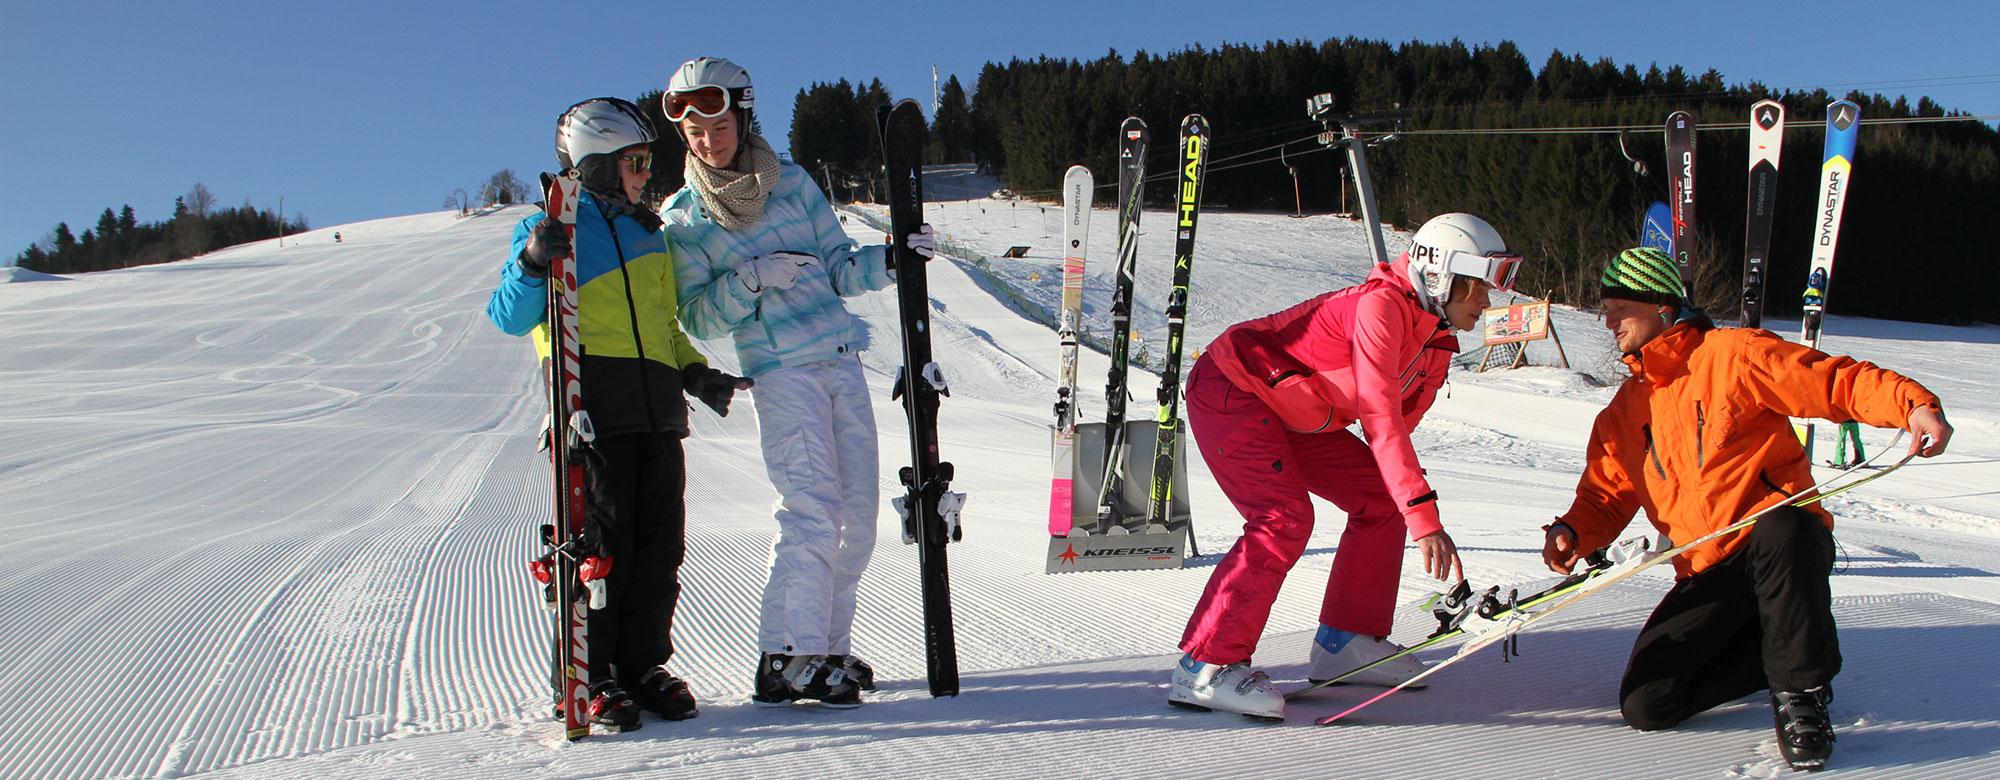 skitests